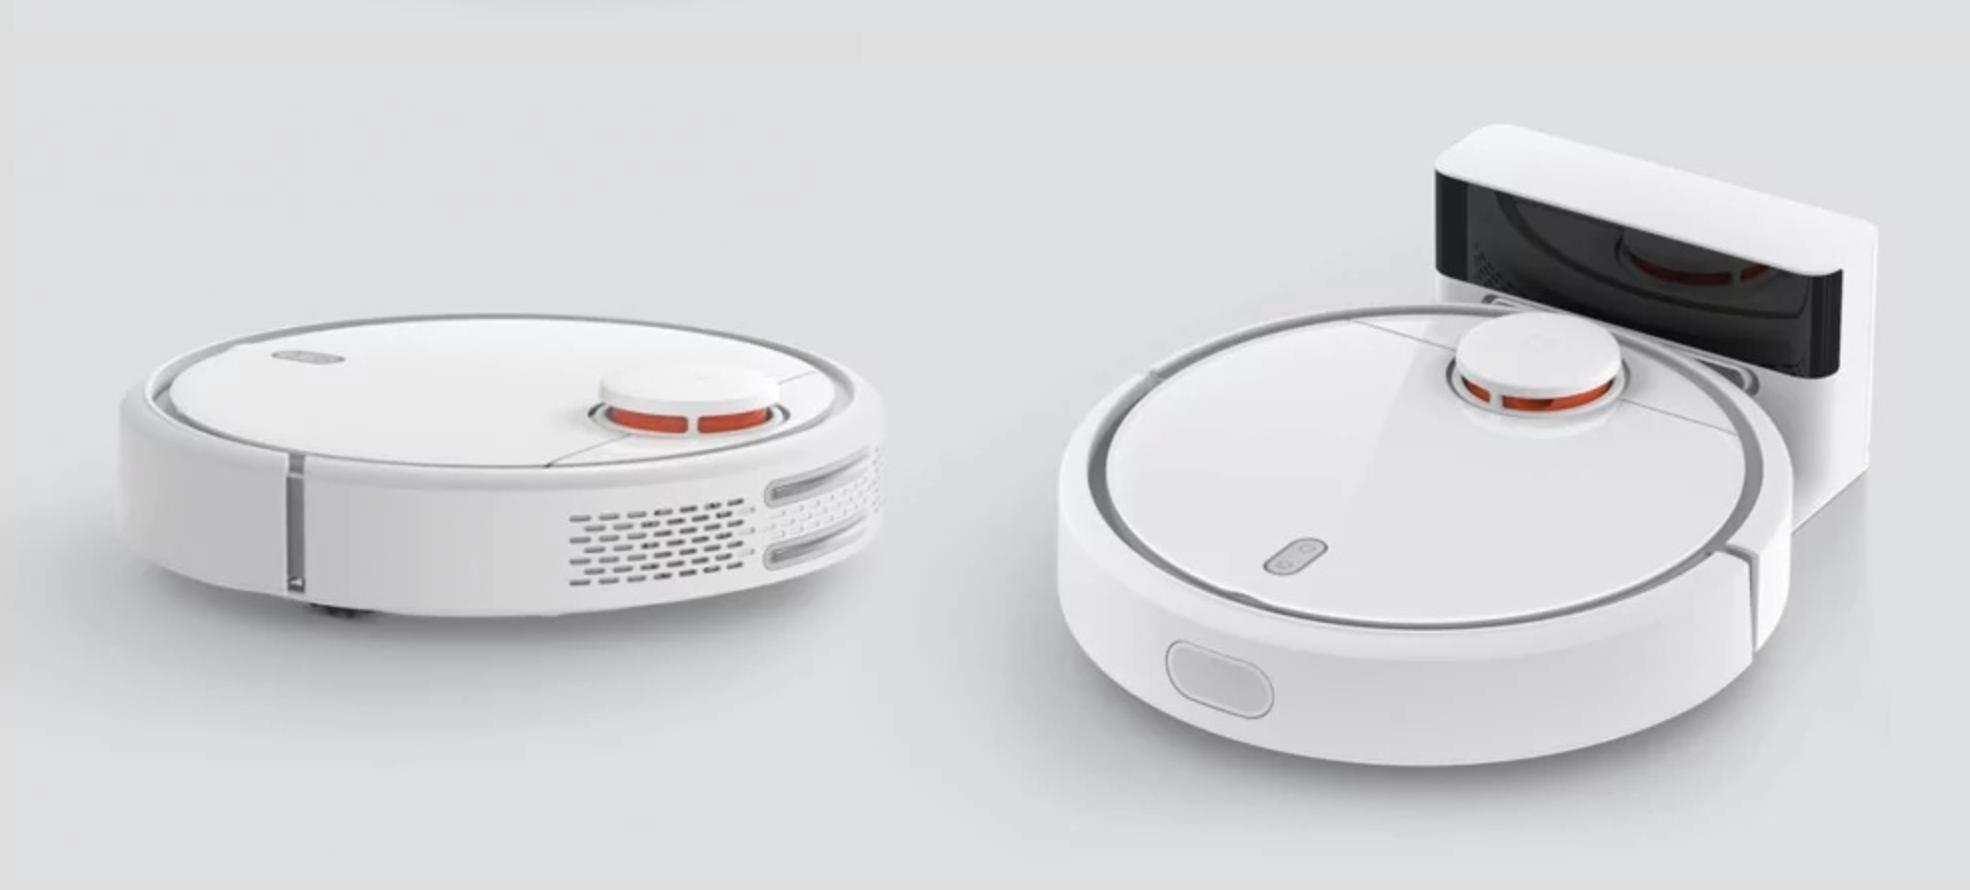 Xiaomi Mi Robot Vacuum a Xiaomi Roborock – porównanie robotów odkurzających Xiaomi